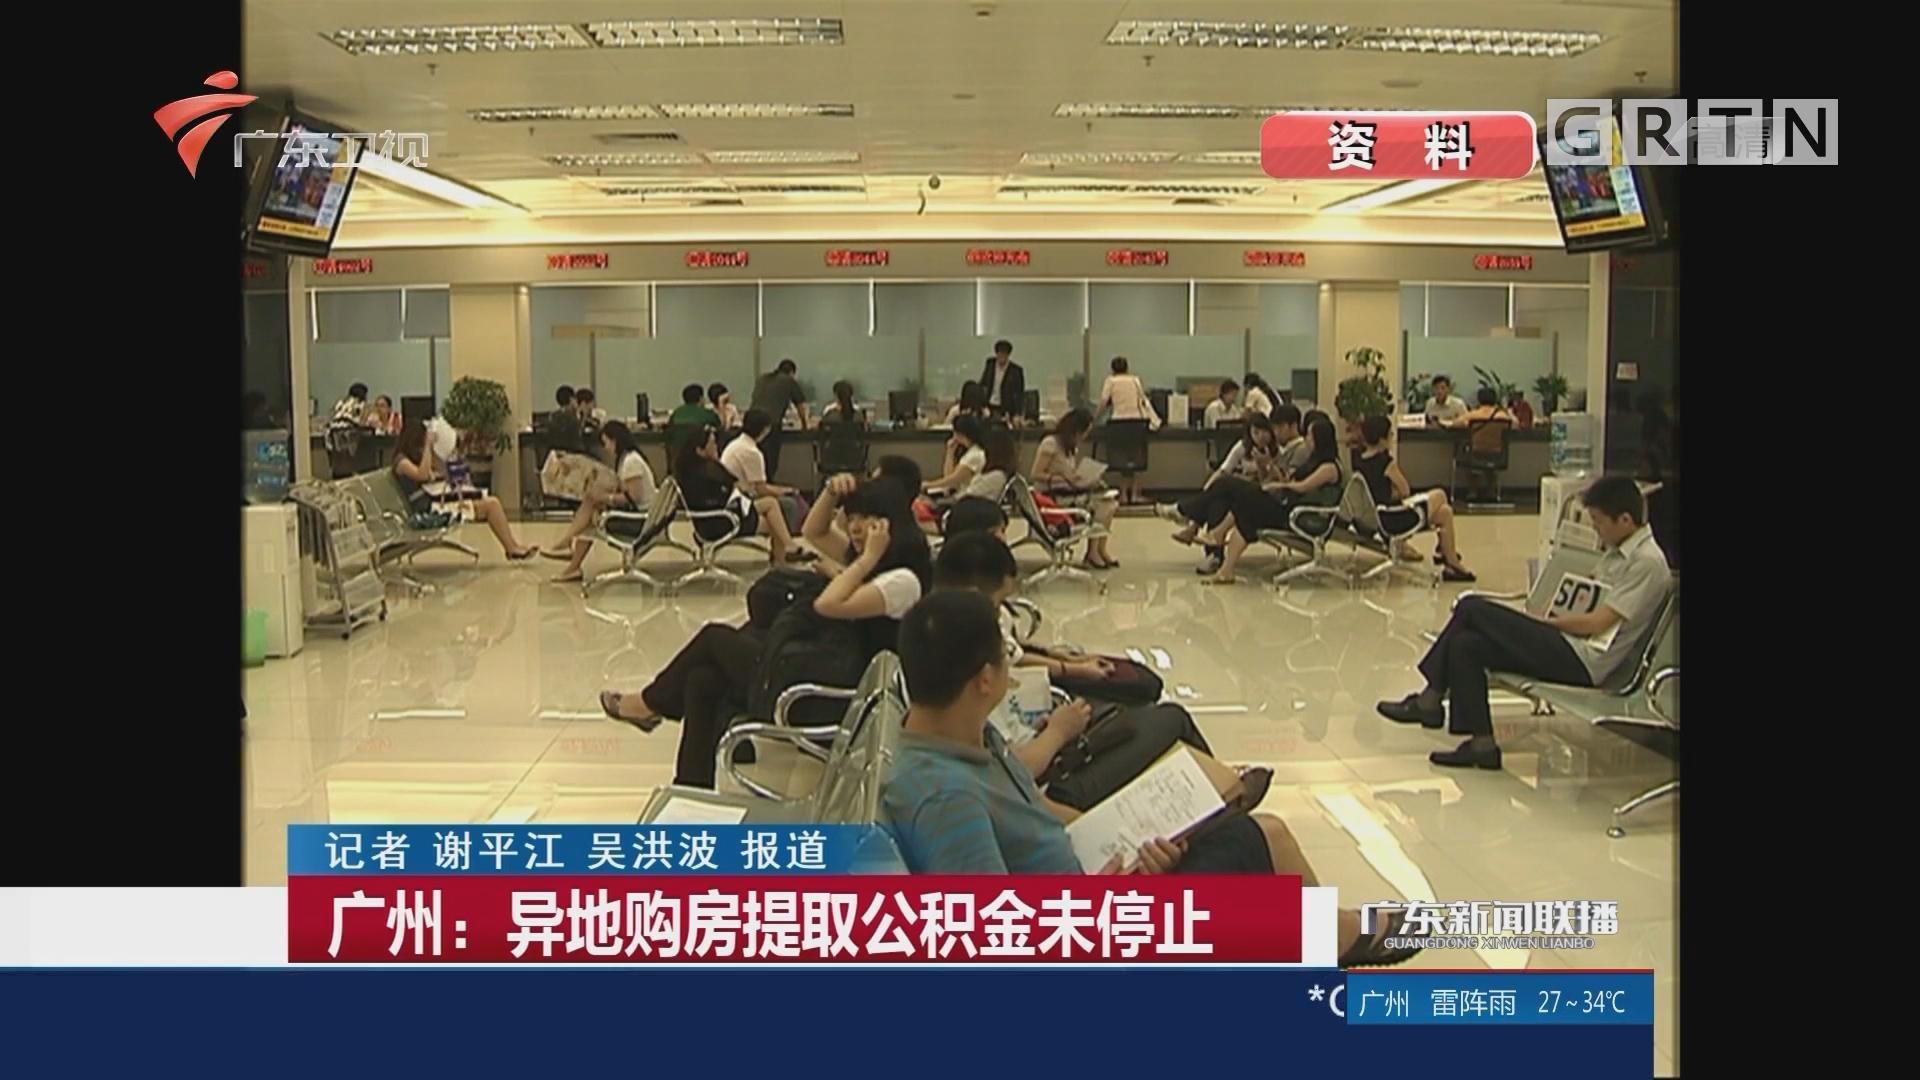 广州:异地购房提取公积金未停止